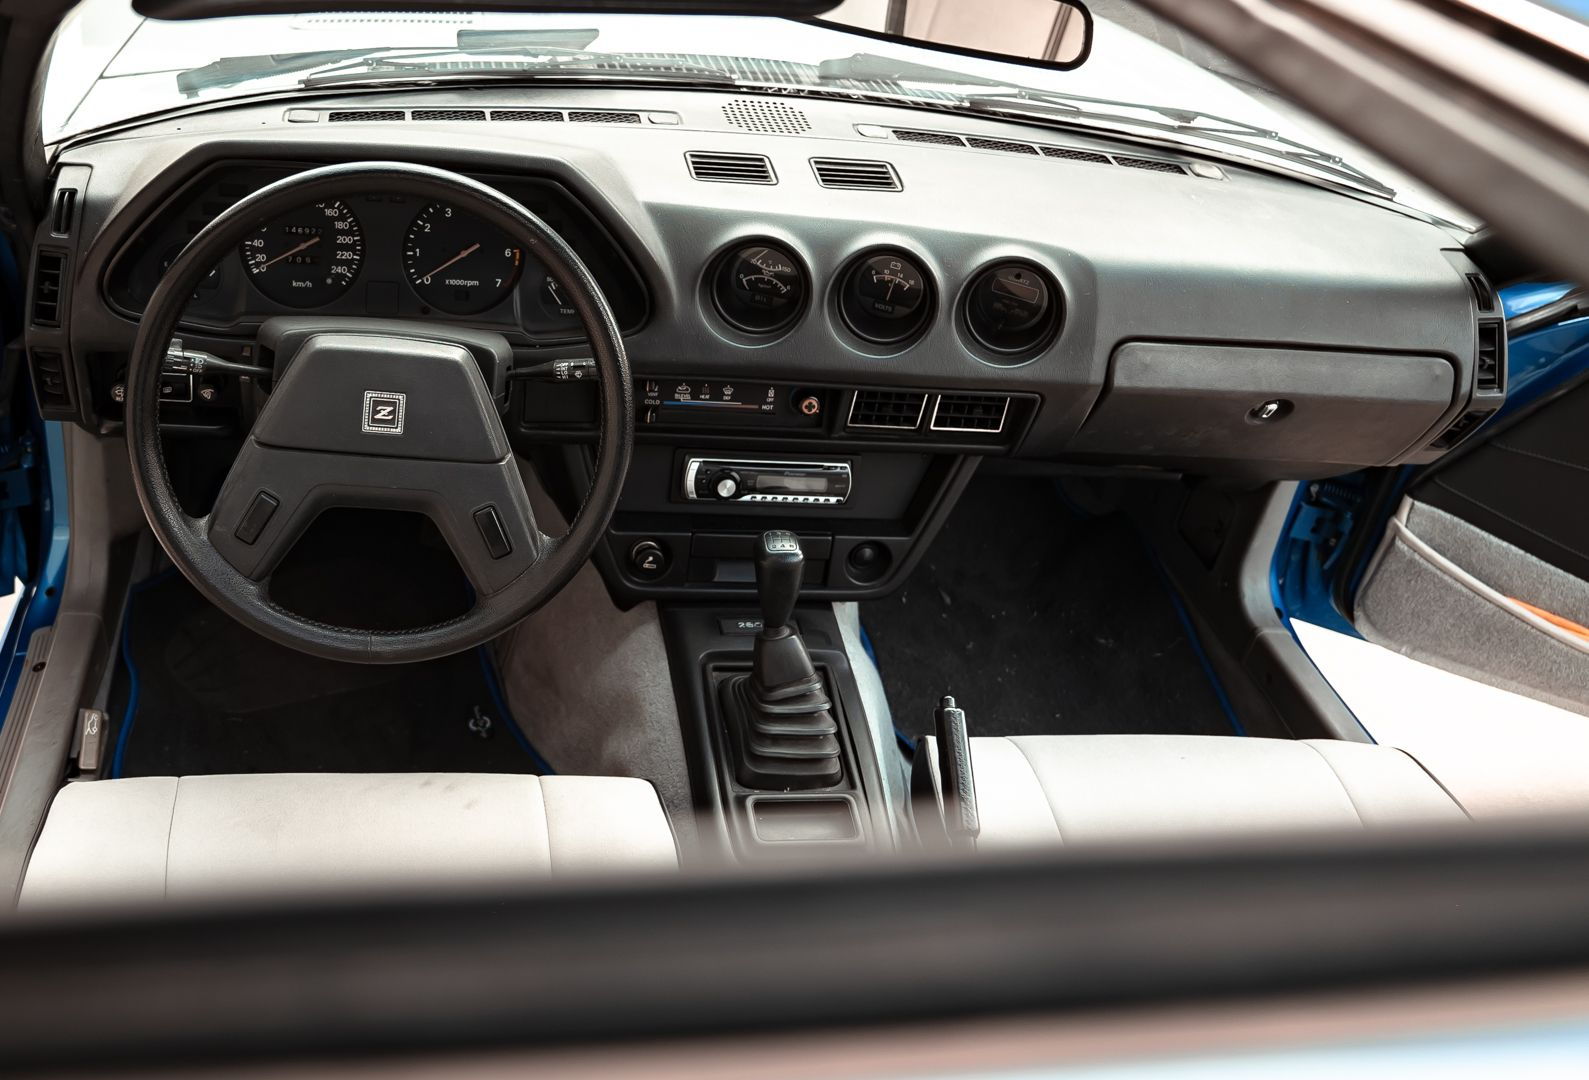 1982 Nissan Datsun 280 ZX 70144